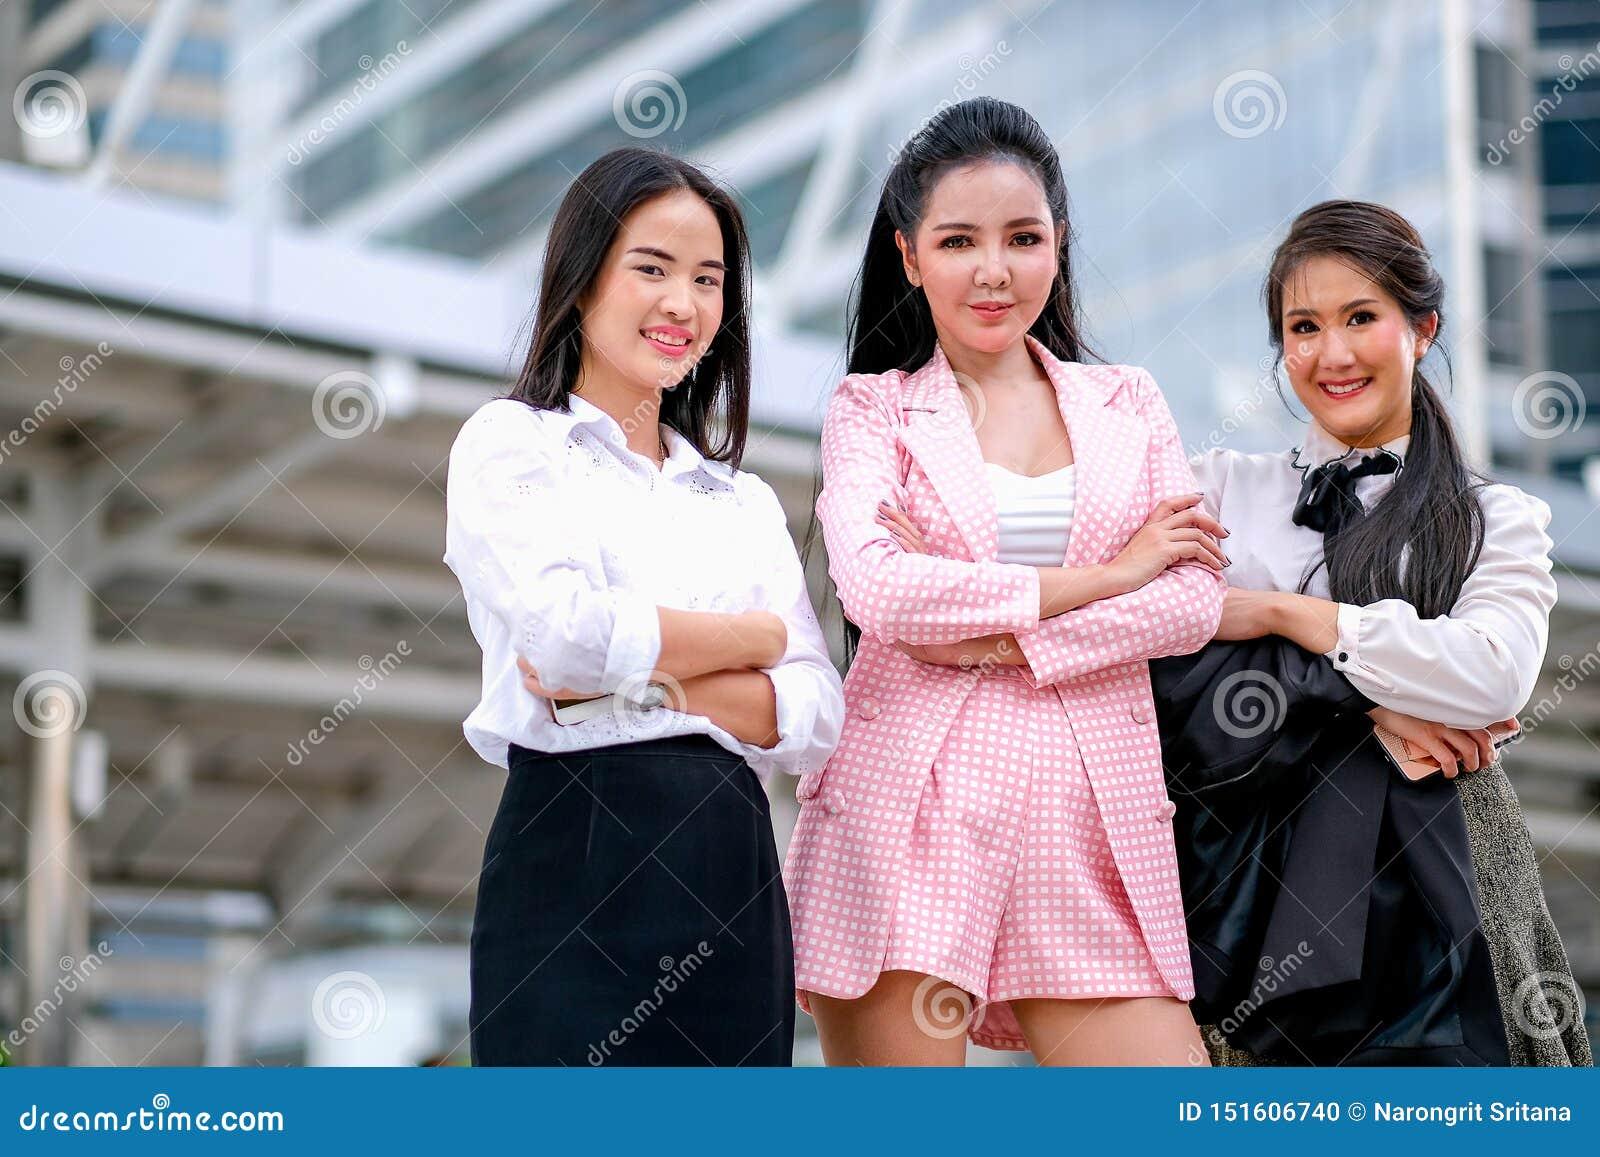 Tres muchachas asiáticas del negocio están actuando tan confiadas con su trabajo y están sonriendo para expresar de feliz durante